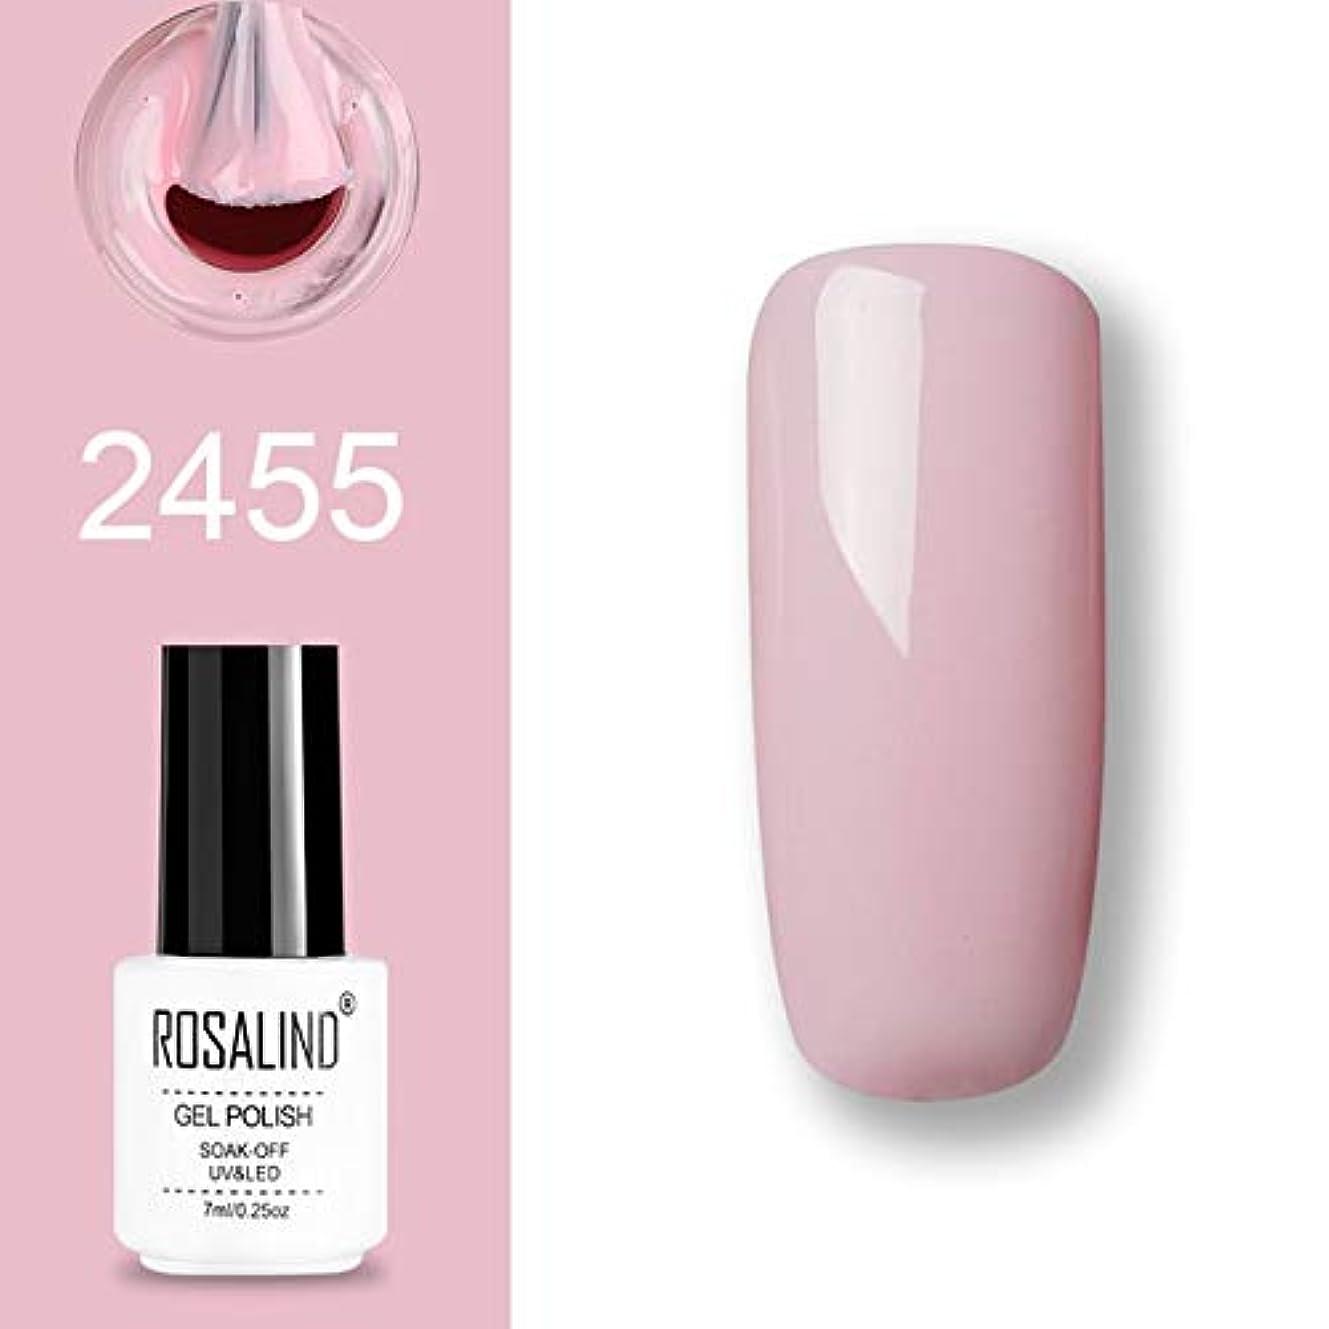 ファッションアイテム ROSALINDジェルポリッシュセットUVセミパーマネントプライマートップコートポリジェルニスネイルアートマニキュアジェル、ライトピンク、容量:7ml 2455。 環境に優しいマニキュア